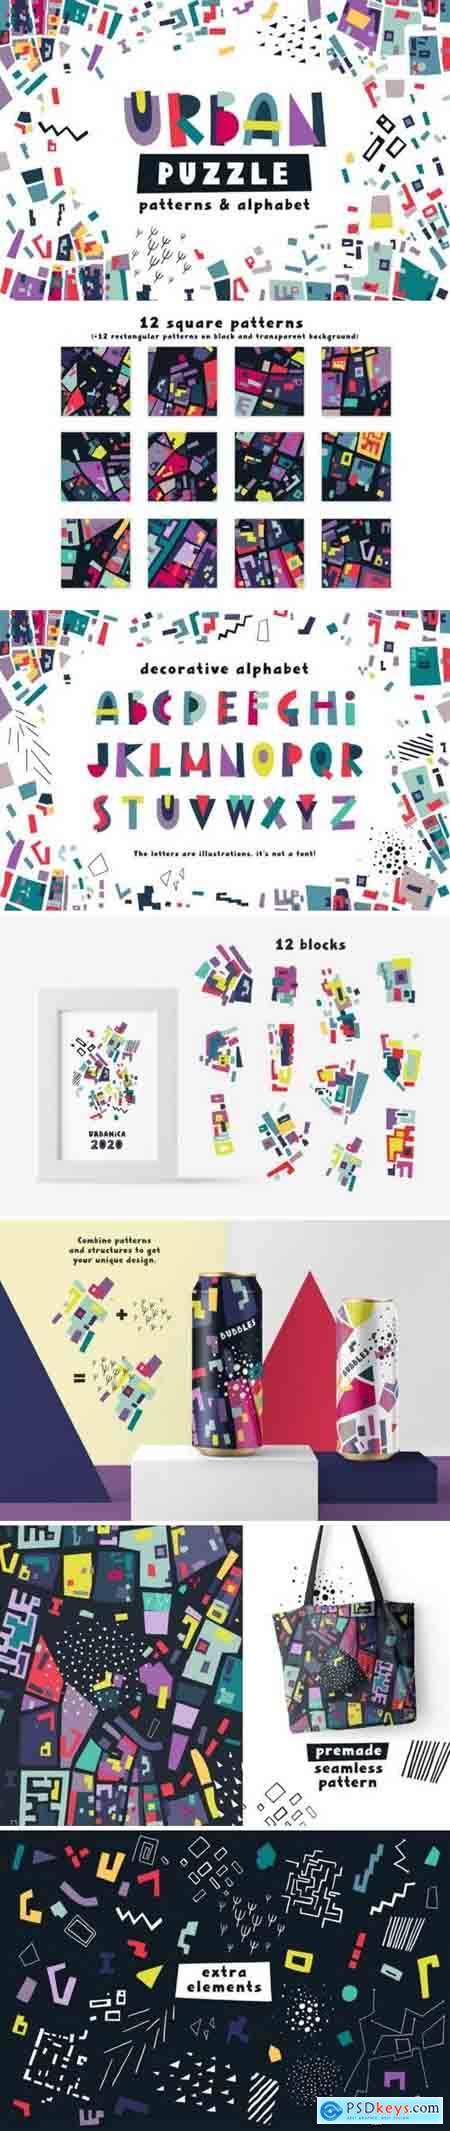 Creativemarket Urban Puzzle - Patterns & Alphabet